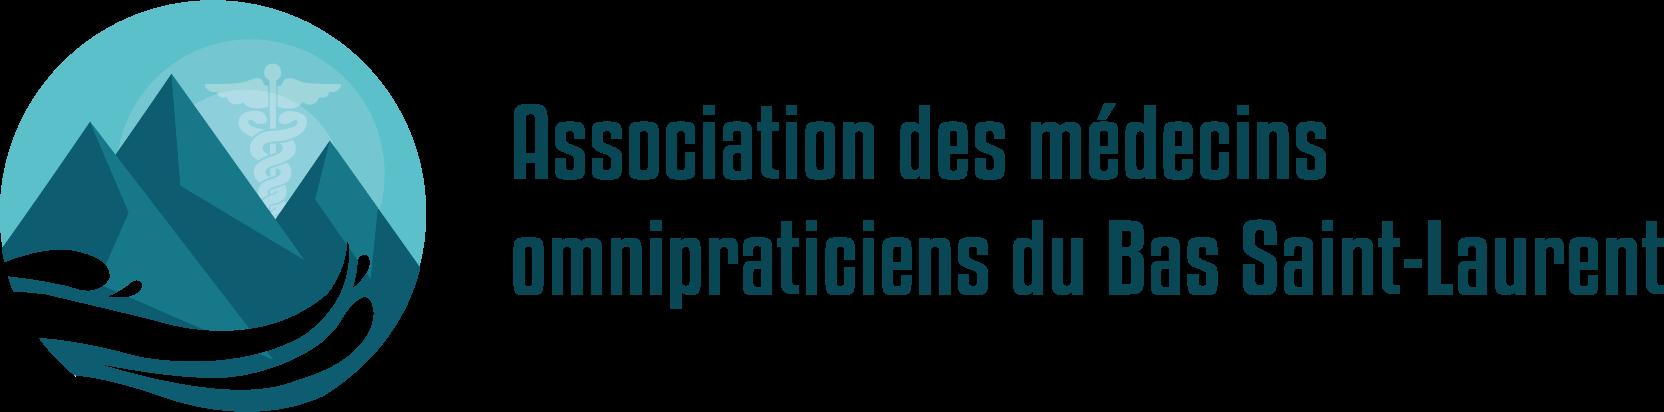 Association des médecins omnipraticiens du Bas Saint-Laurent